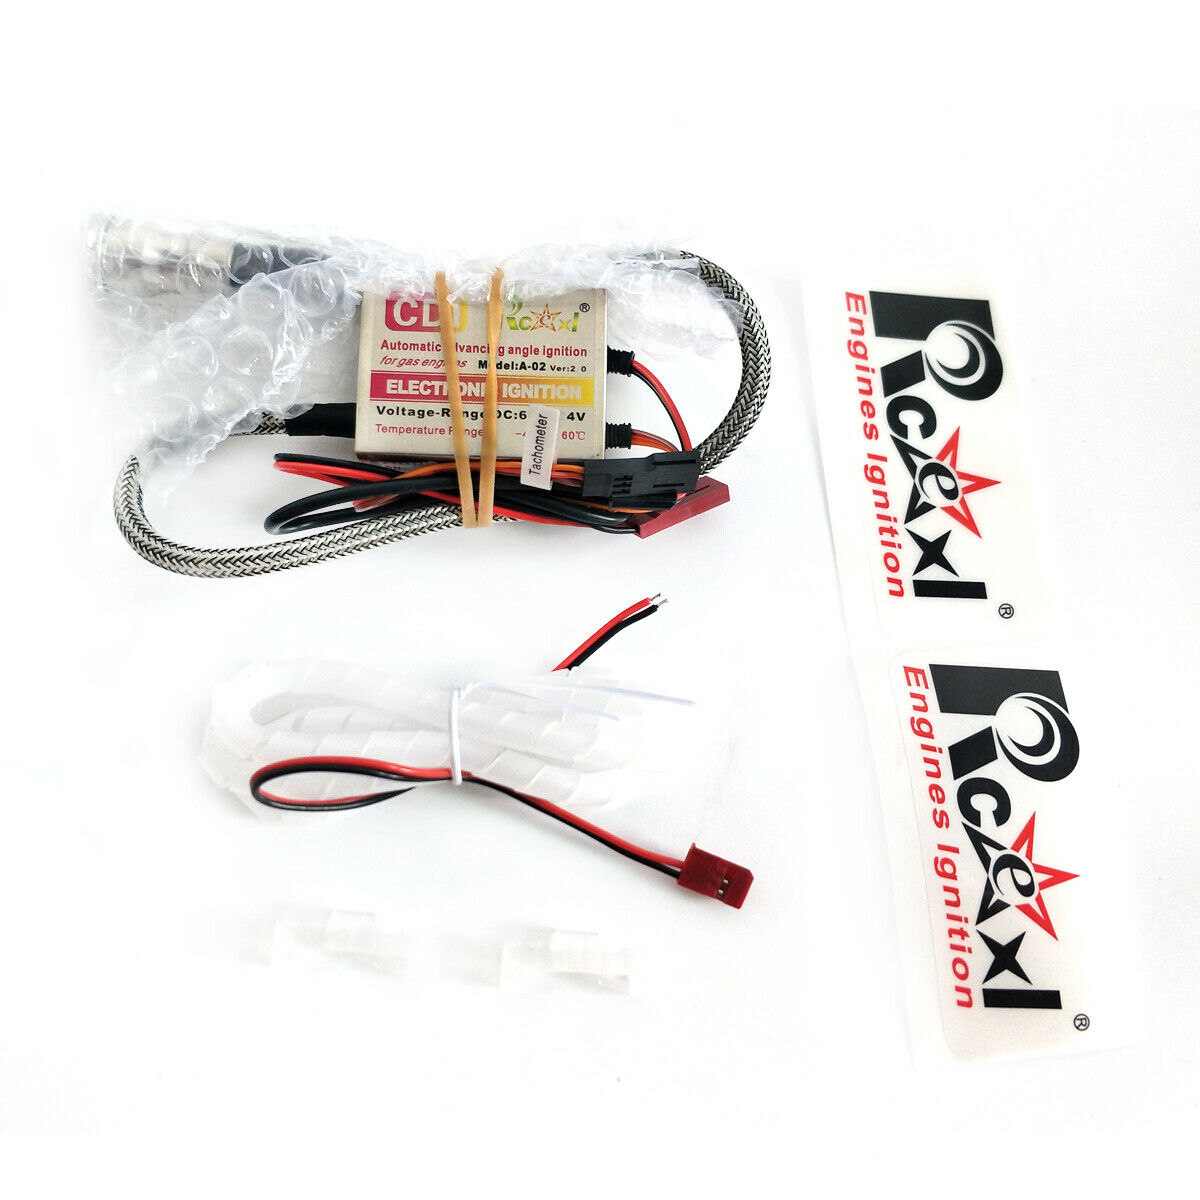 Rcexl Single Ignition for NGK CM6 10MM Straight With Hall Sensor, 6.0V-14.4V